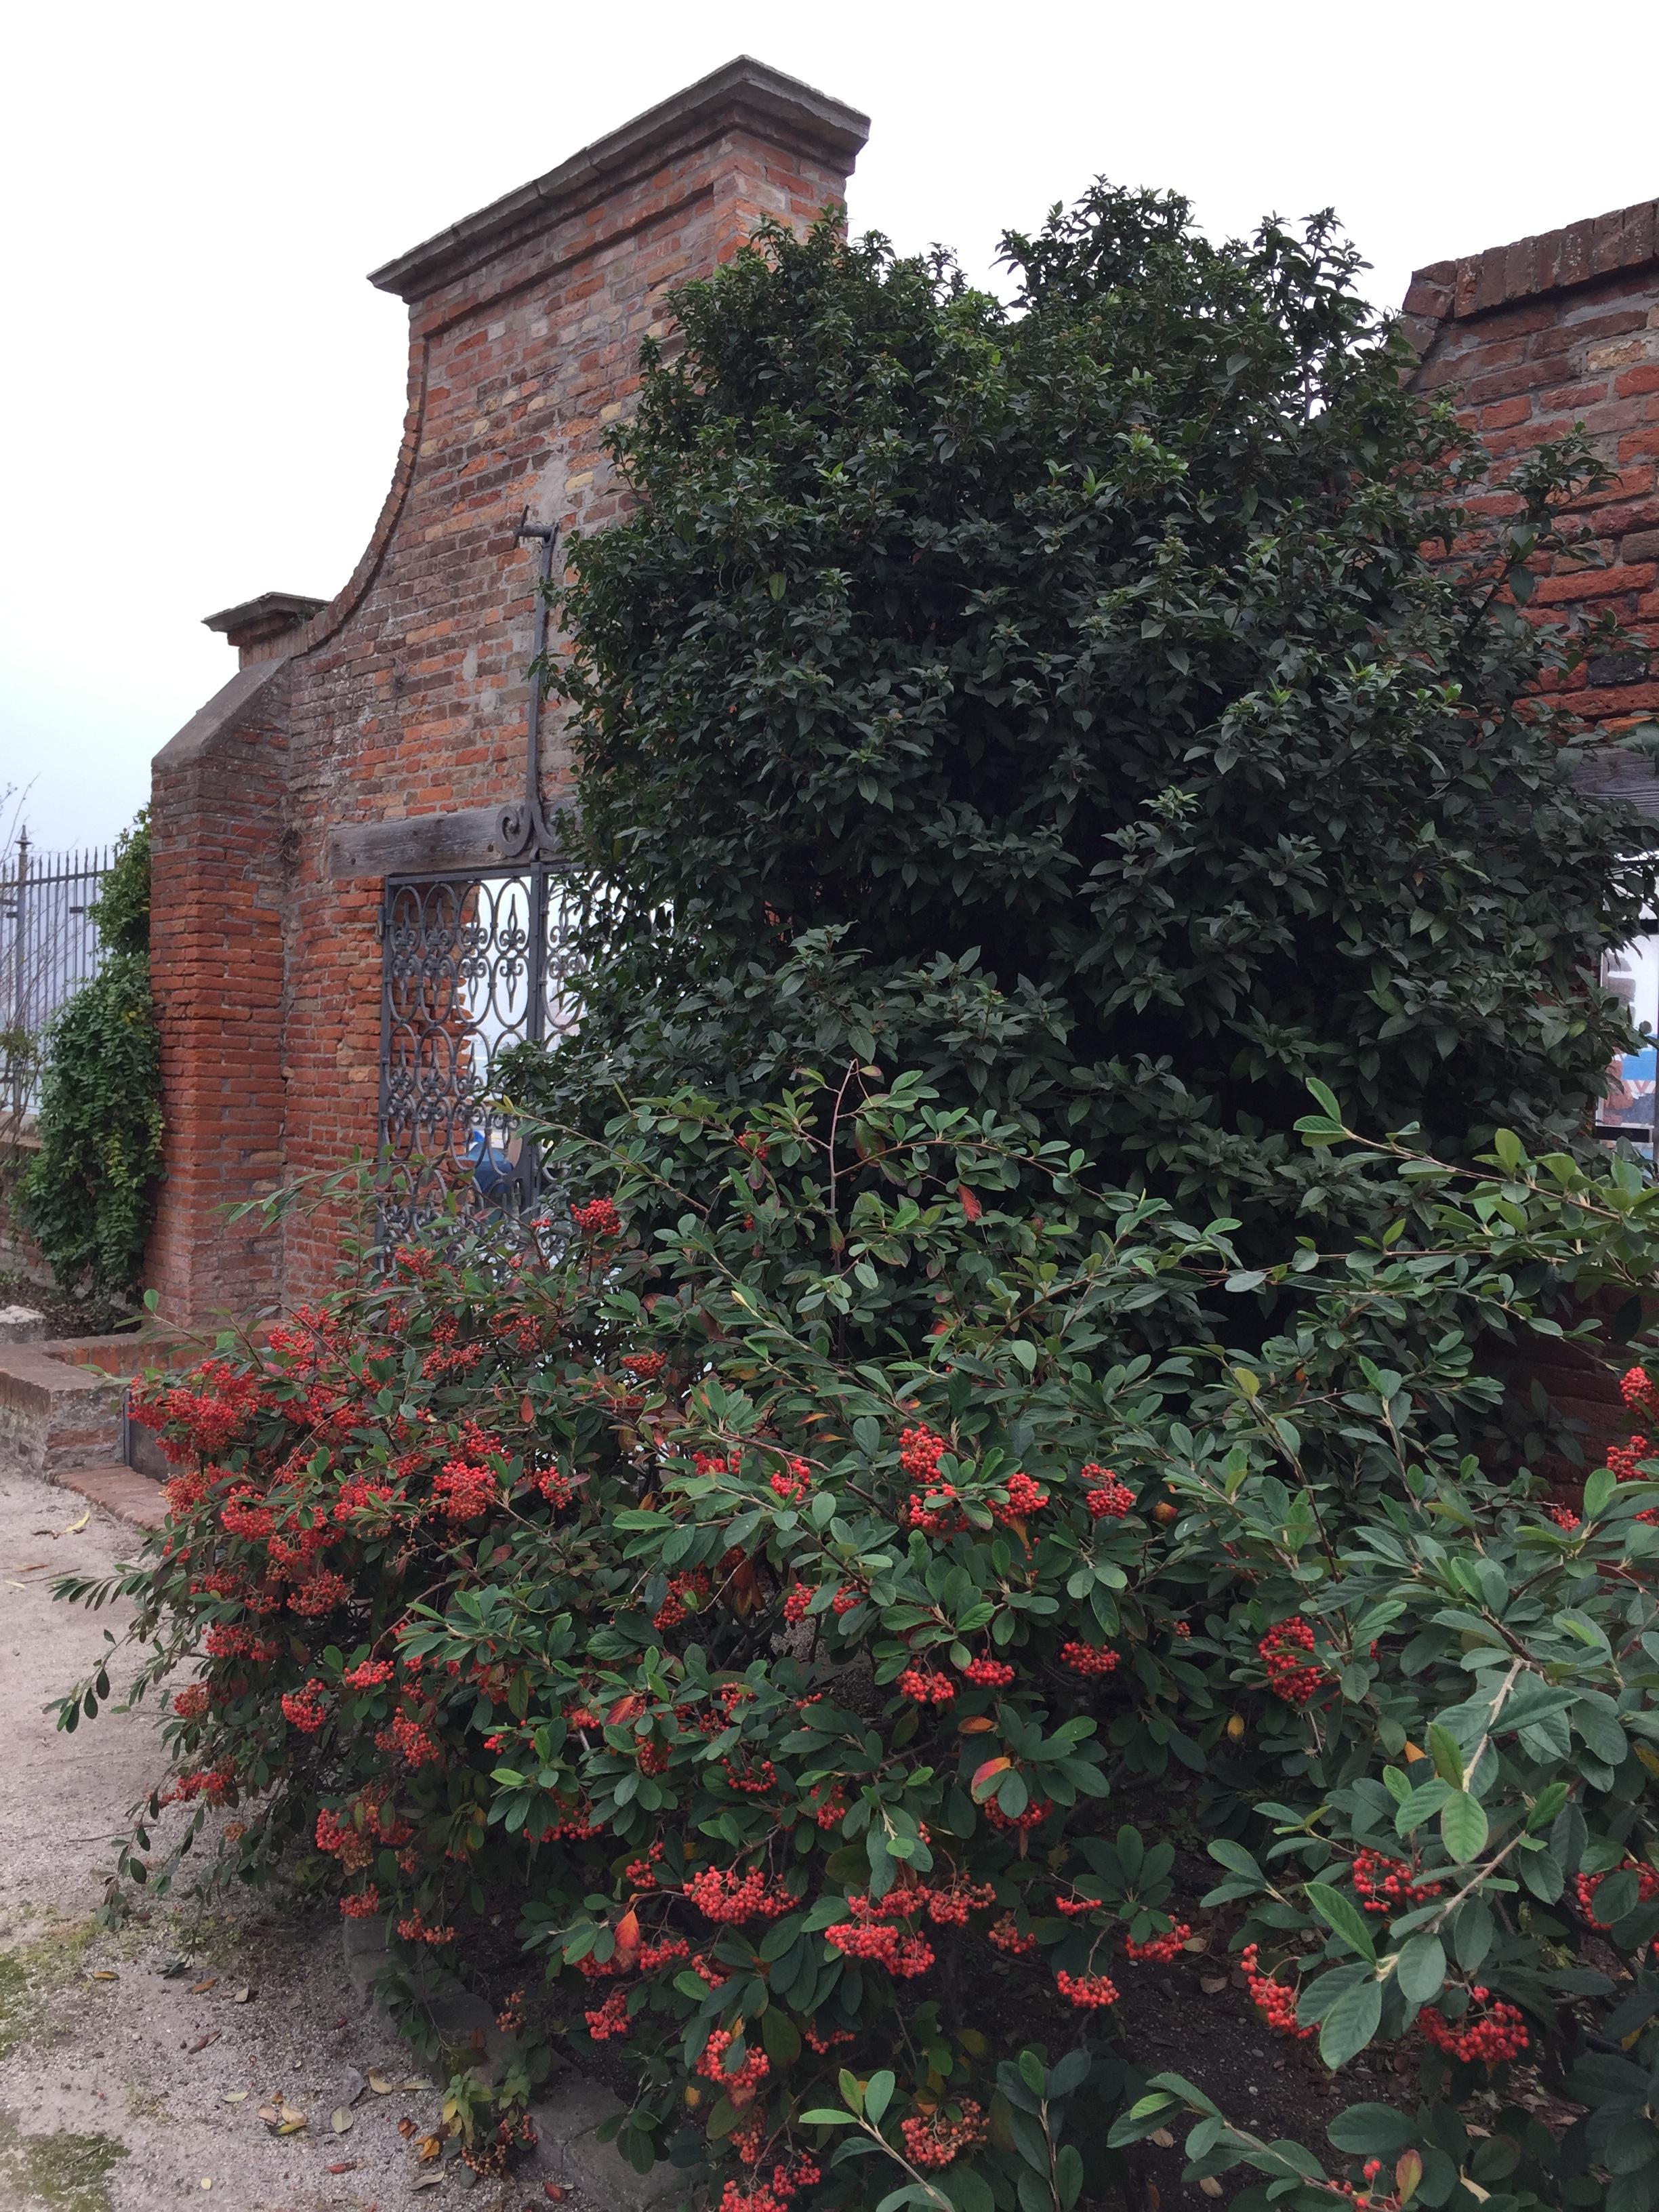 : ouverture sur le côté du petit port actuel avec les baies rouges de la Viorne tin